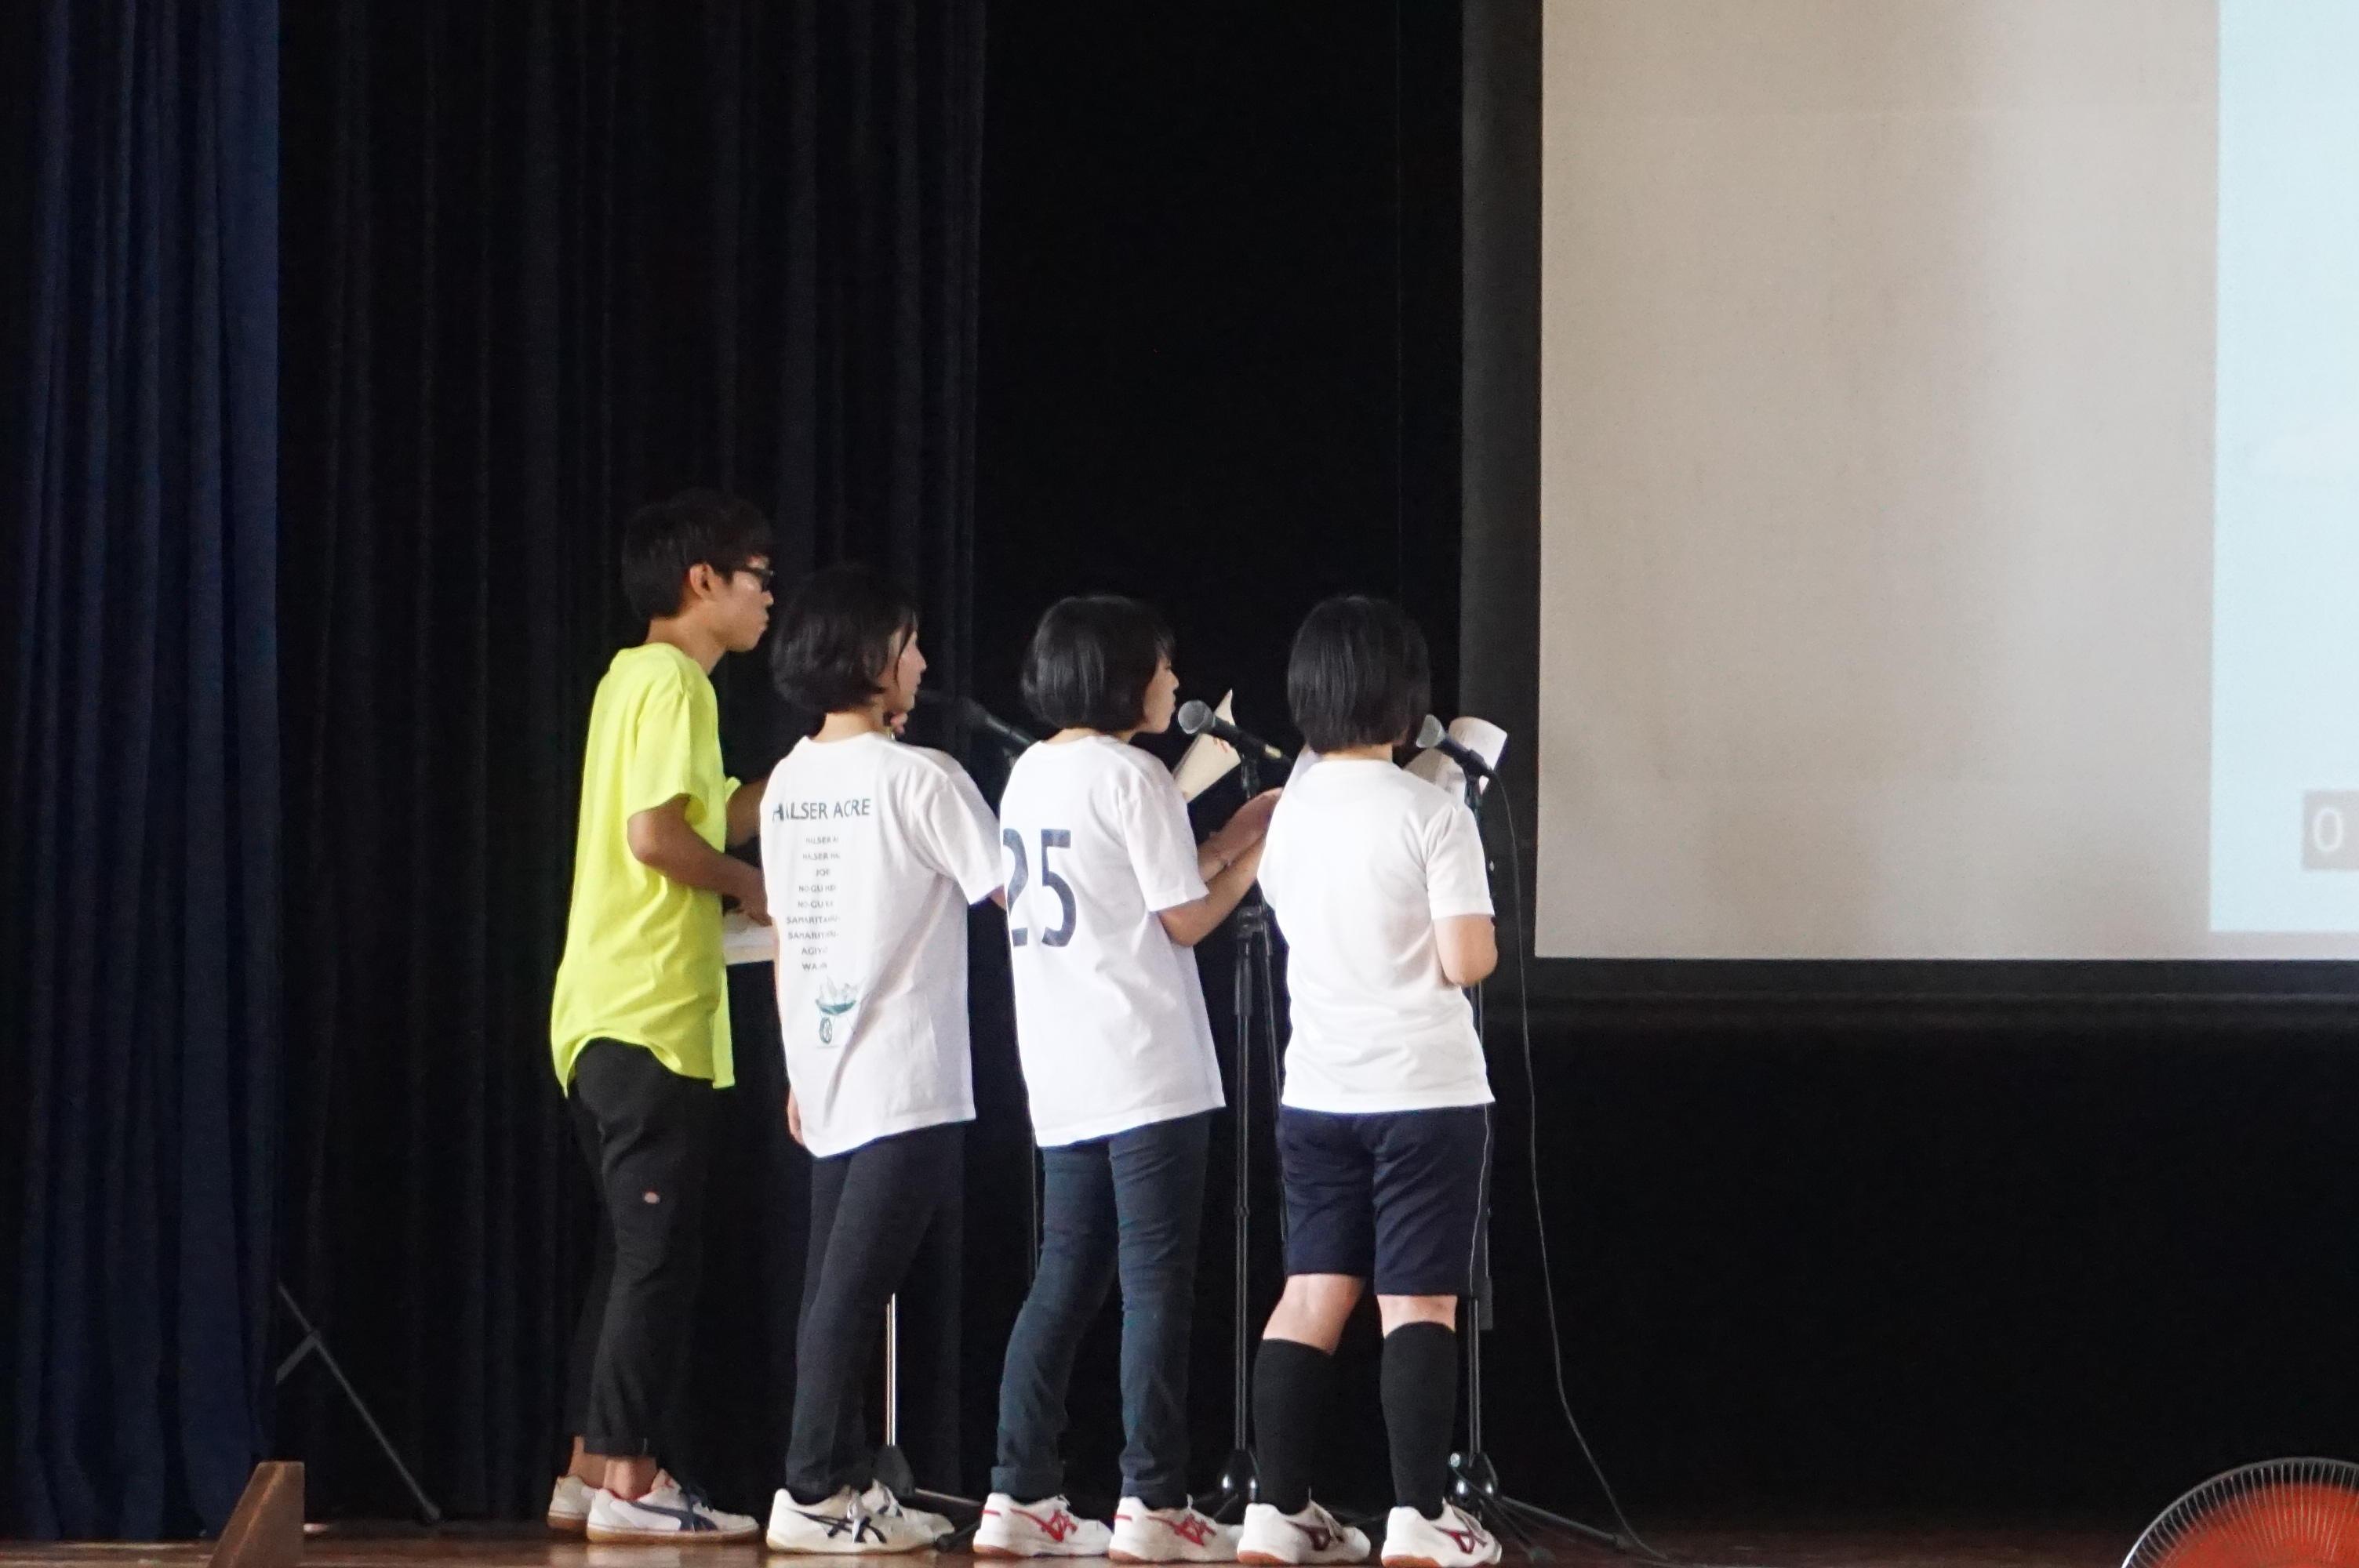 http://news.yoshimoto.co.jp/20170912123654-90d1bbeae13266be48461b3e2d0e2b4a14034e6d.jpg